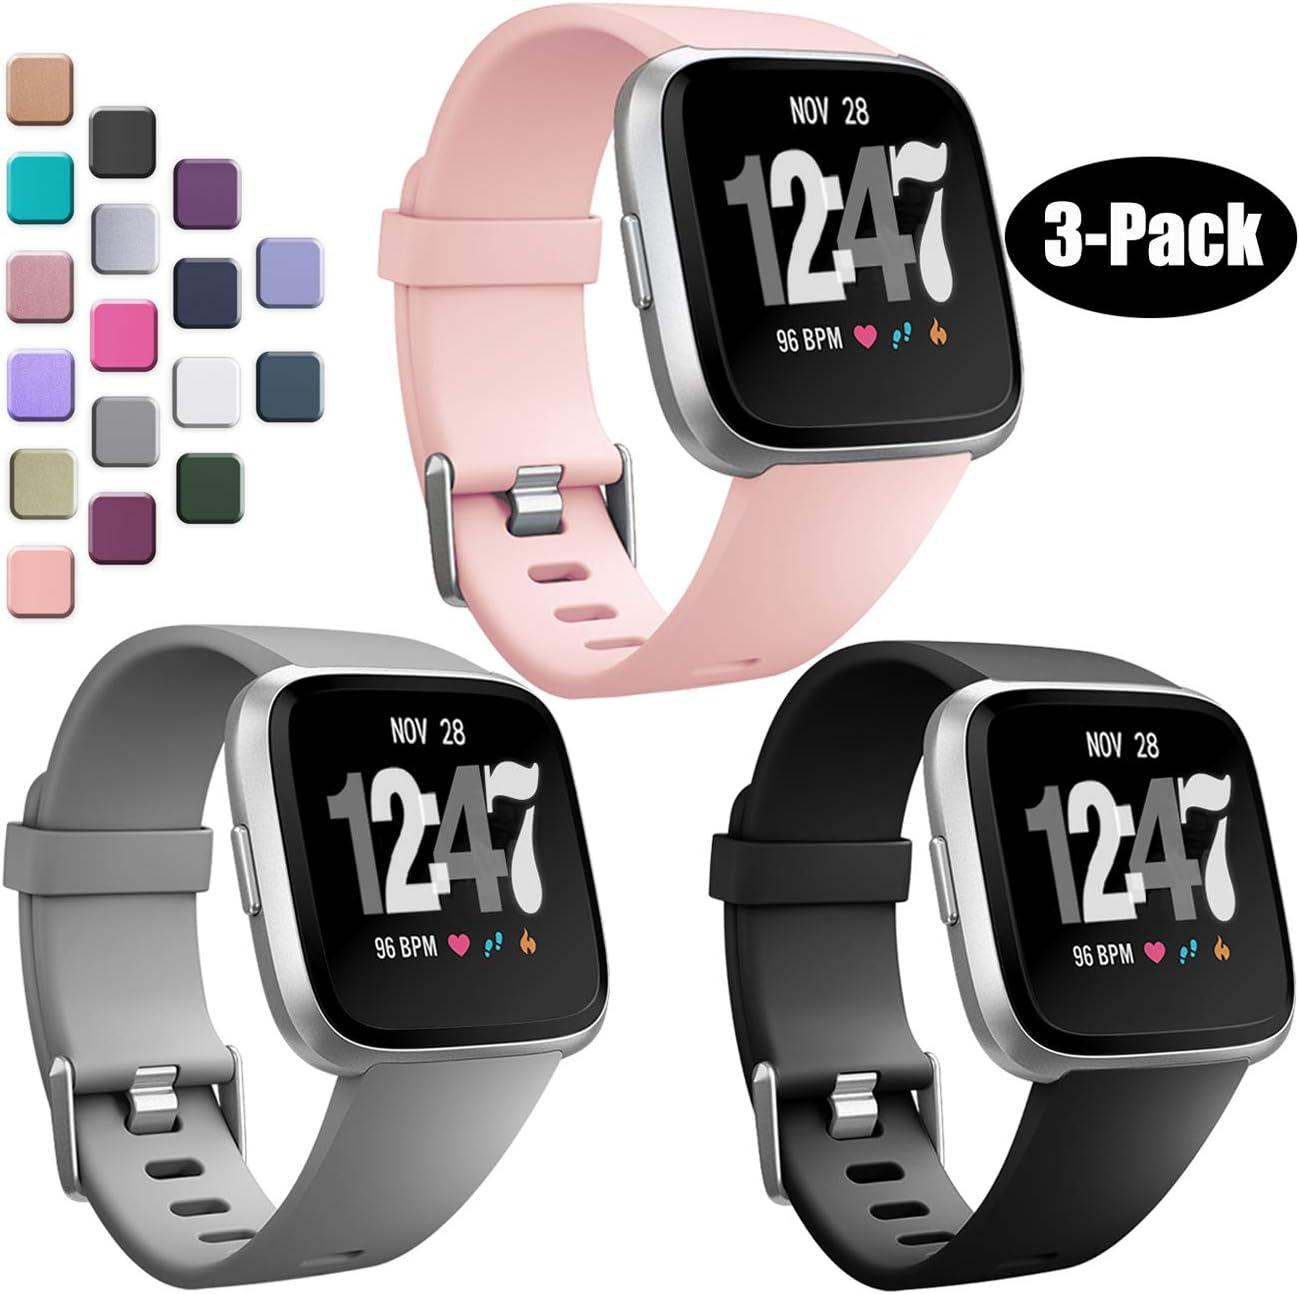 Bandas Wepro Compatibles Con Fitbit Versa/versa 2/lite 3u